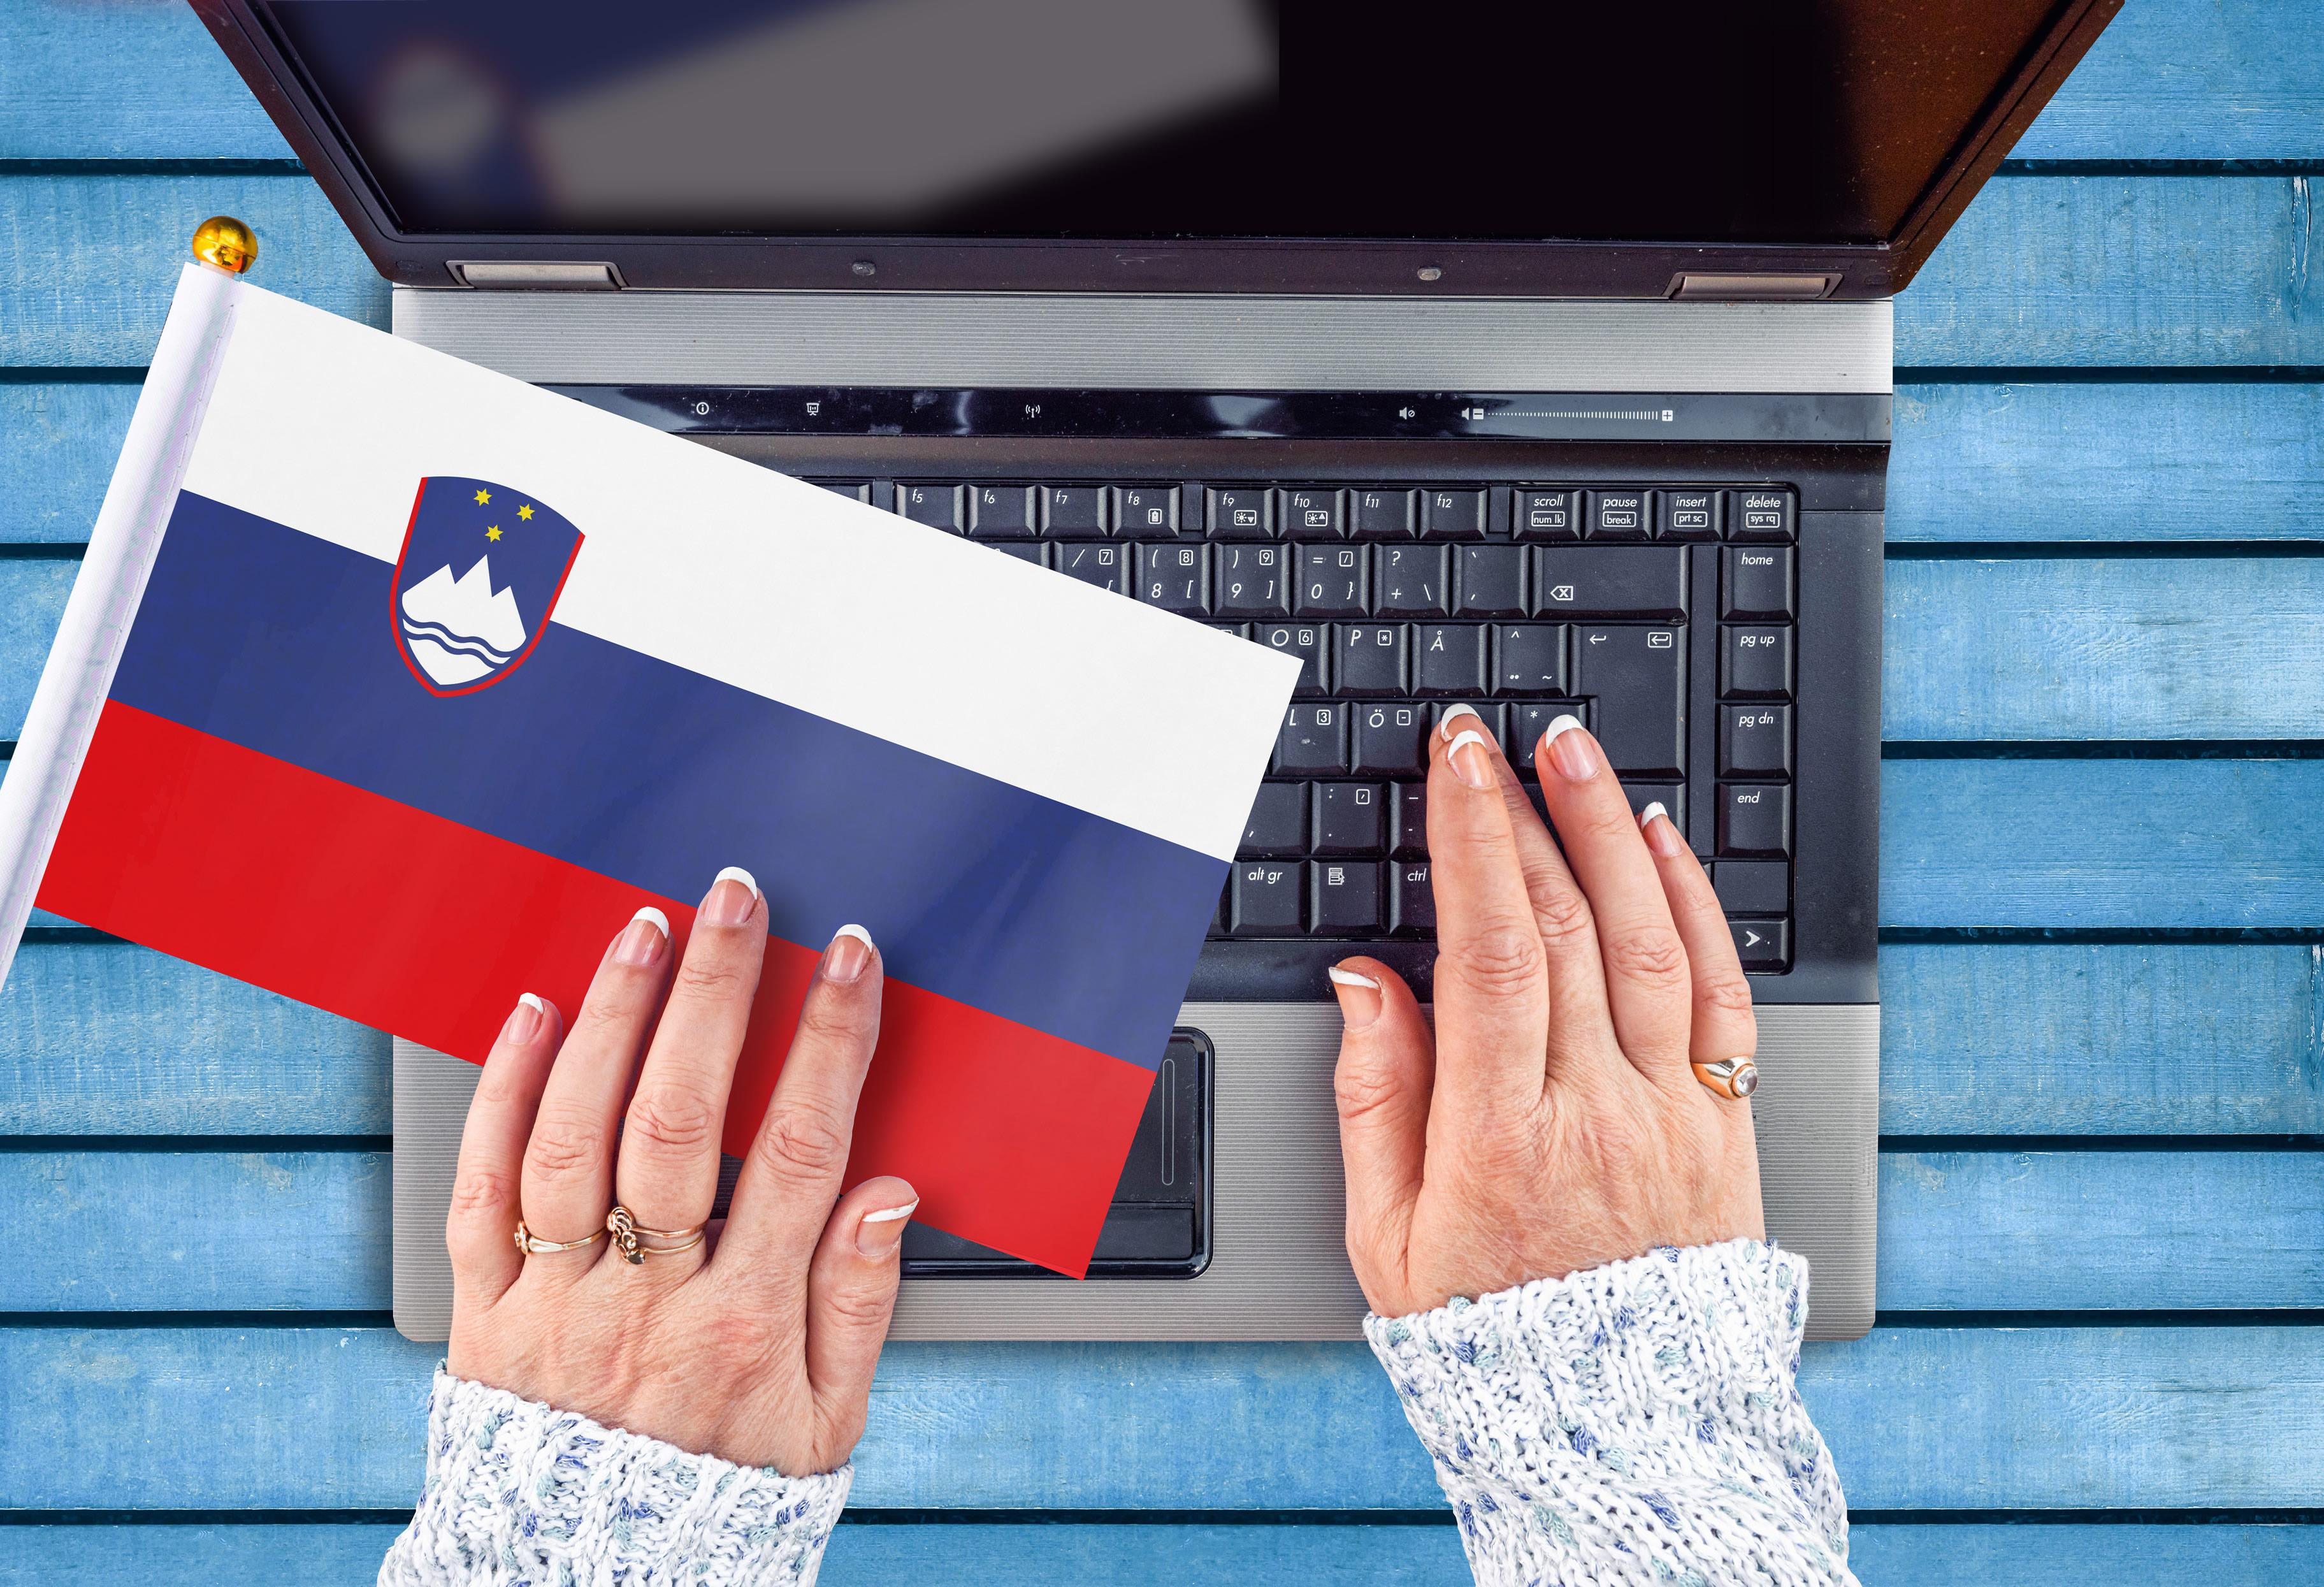 Женские руки, ноутбук и флаг Словении, работа в которой доступна для русских